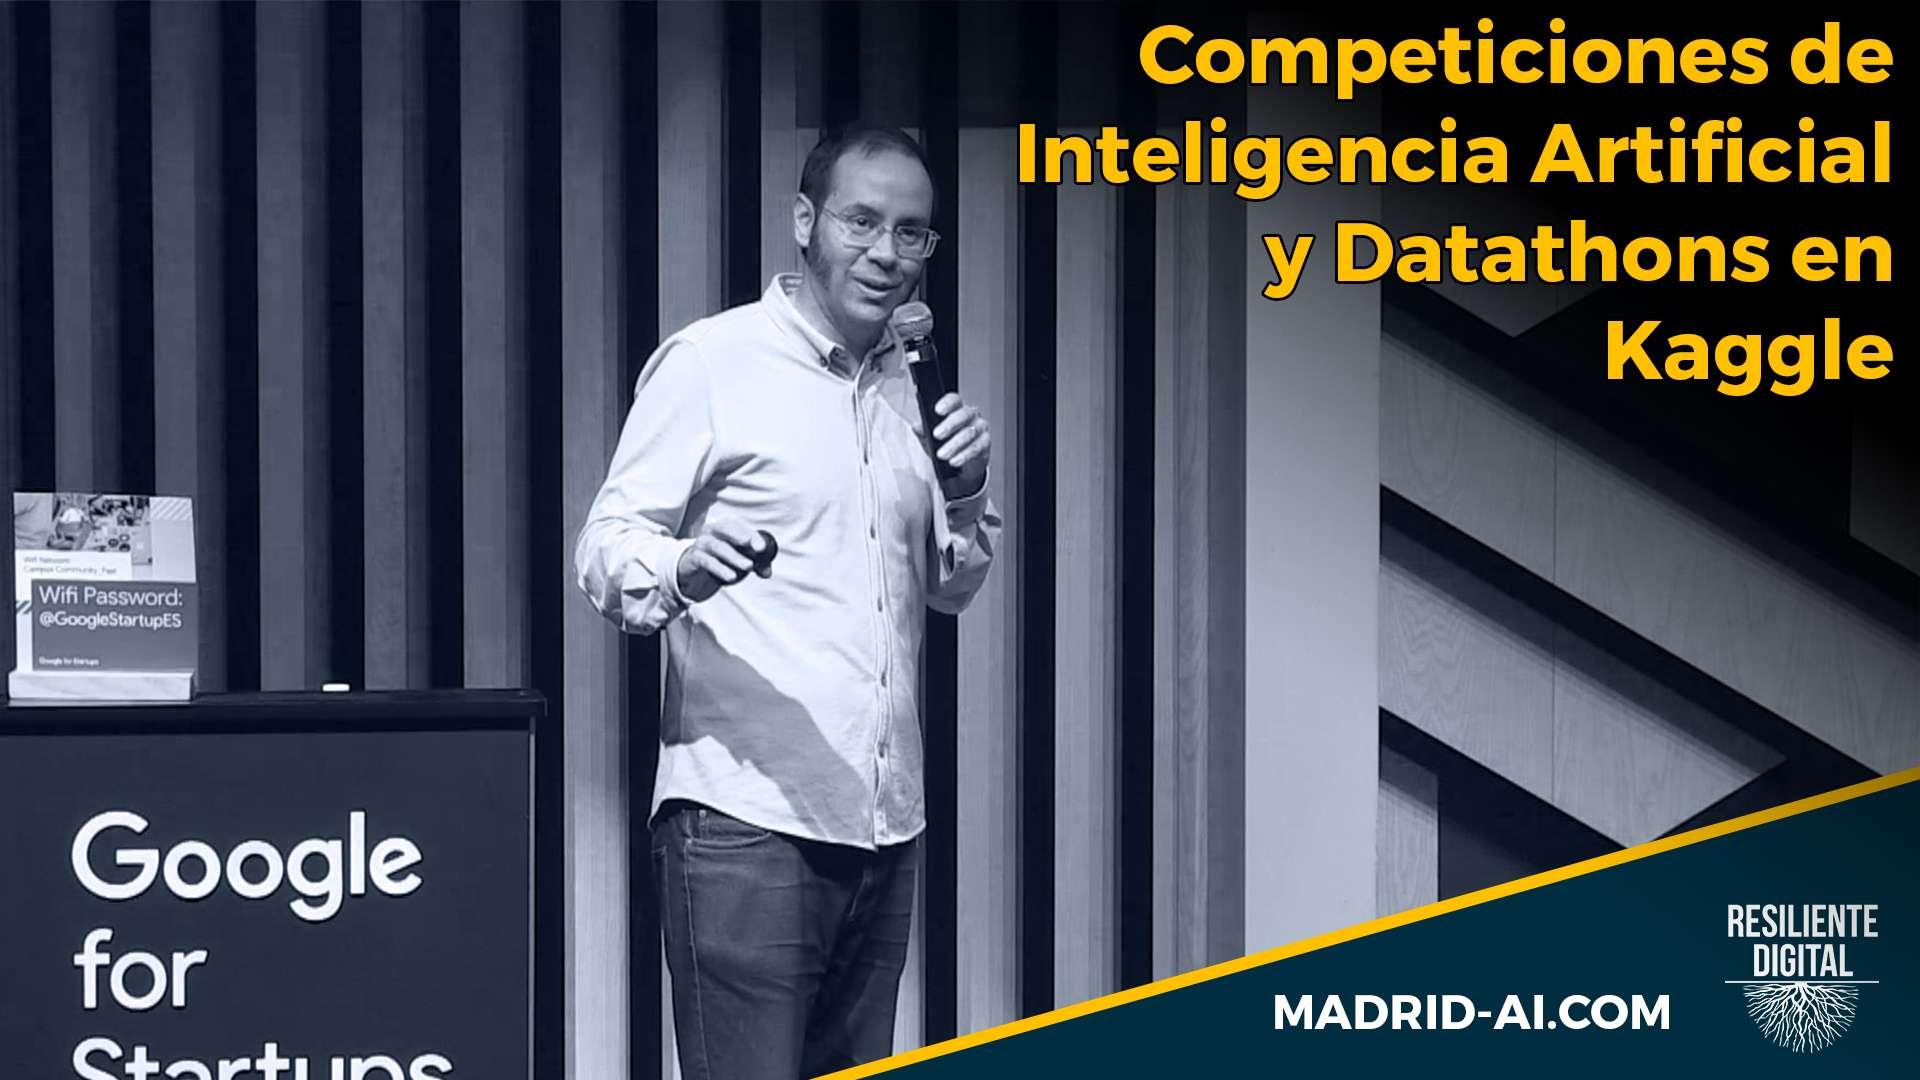 Competiciones de Inteligencia Artificial y Datathons en Kaggle